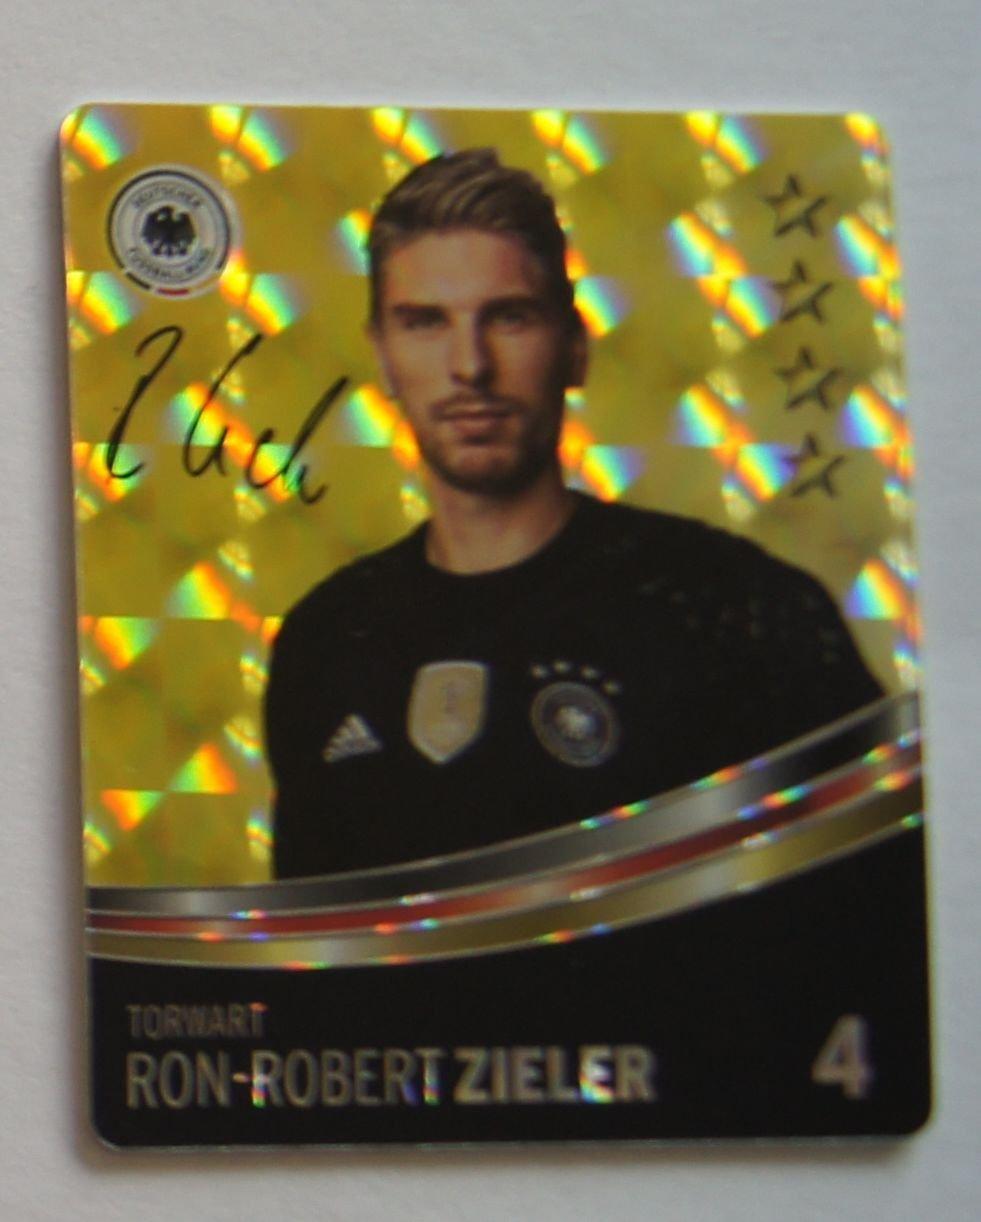 Rewe DFB Sammelkarten EM 2016 Auswahl aus allen 36 und Sammelalbum oder alles komplett alle 36 Standard-Karten komplett